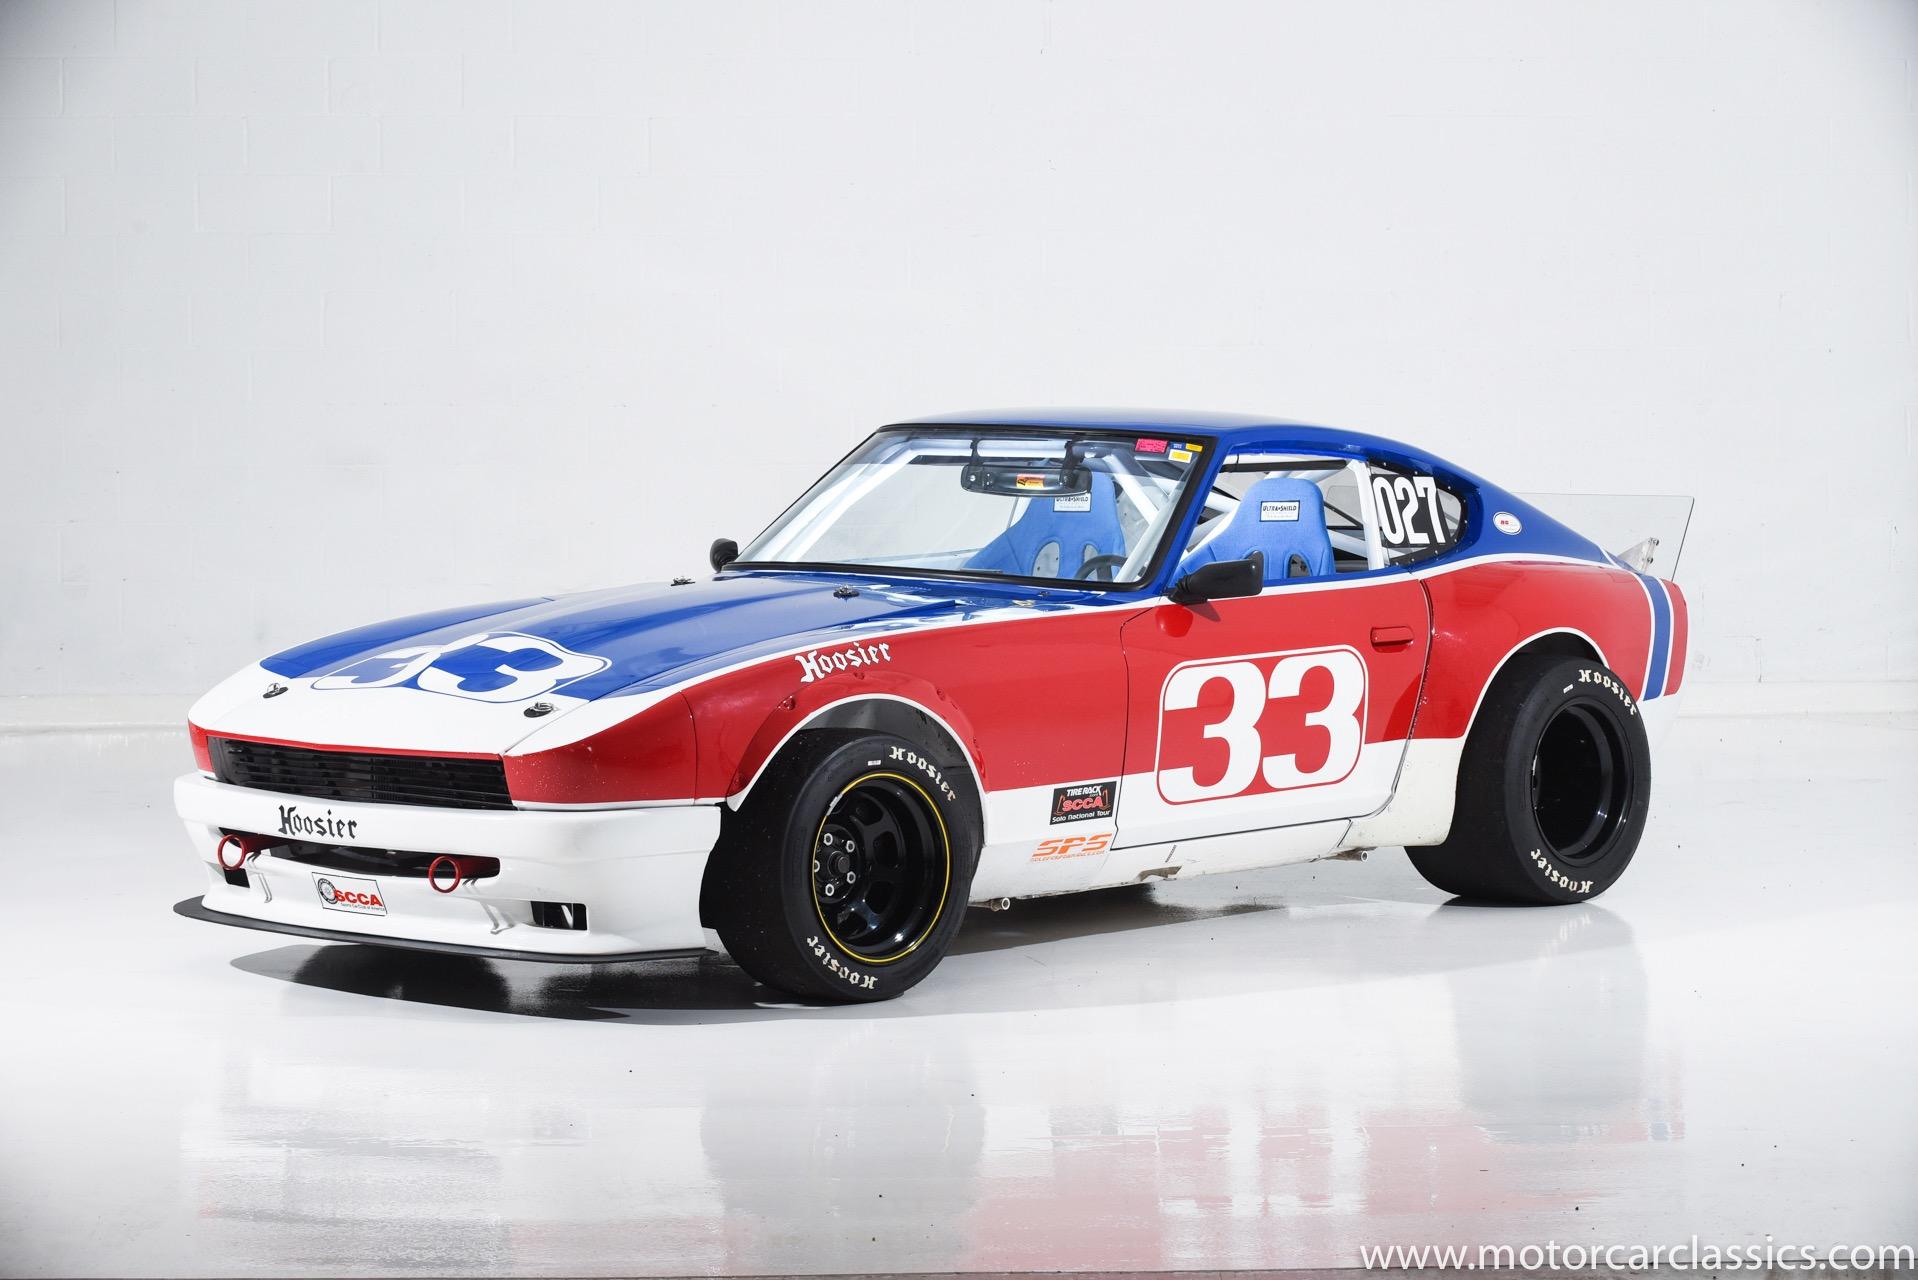 1974 Datsun 260Z Racecar